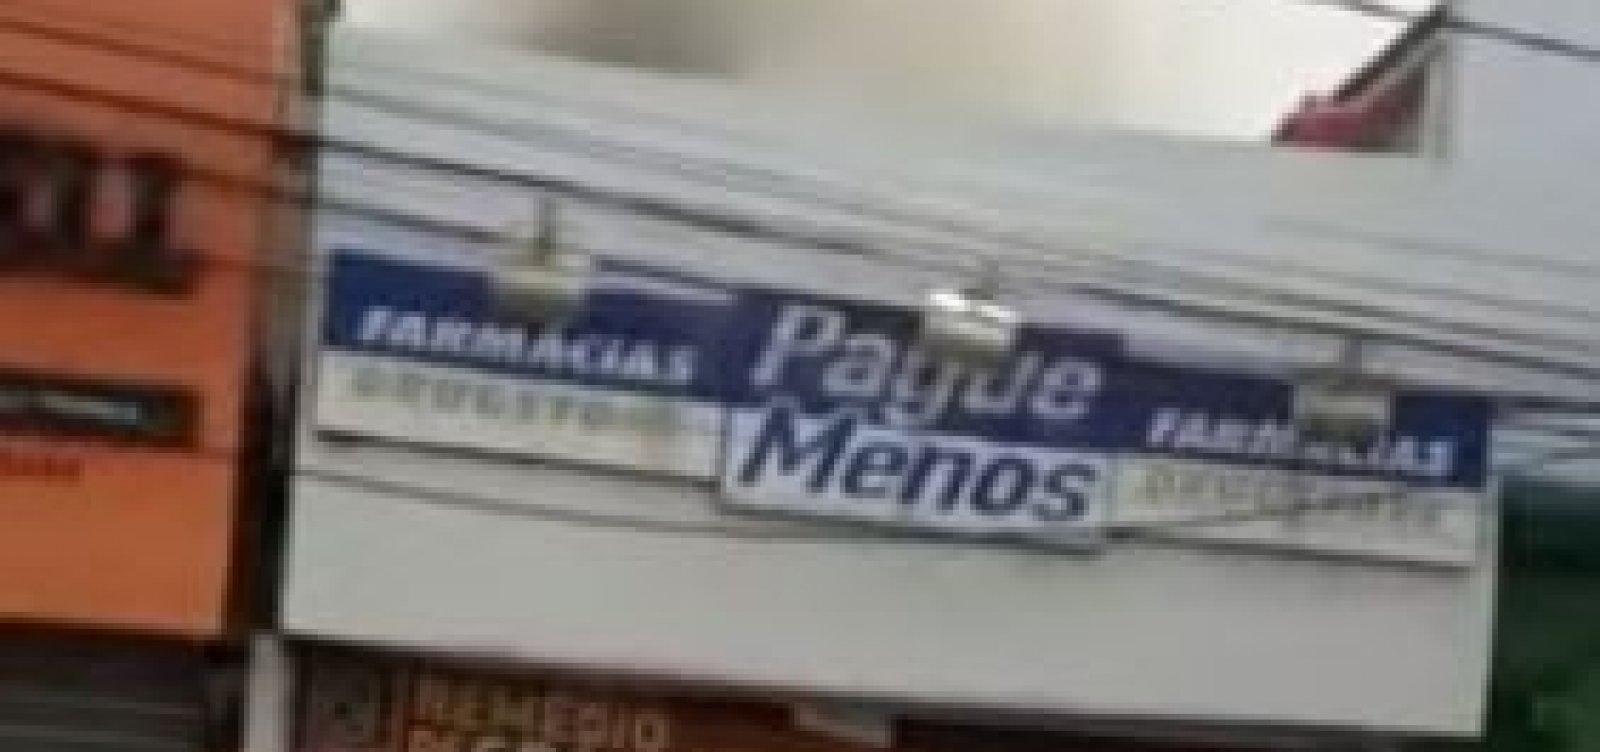 Indenização paga por farmácia banca UTI's nas Obras Sociais Irmã Dulce